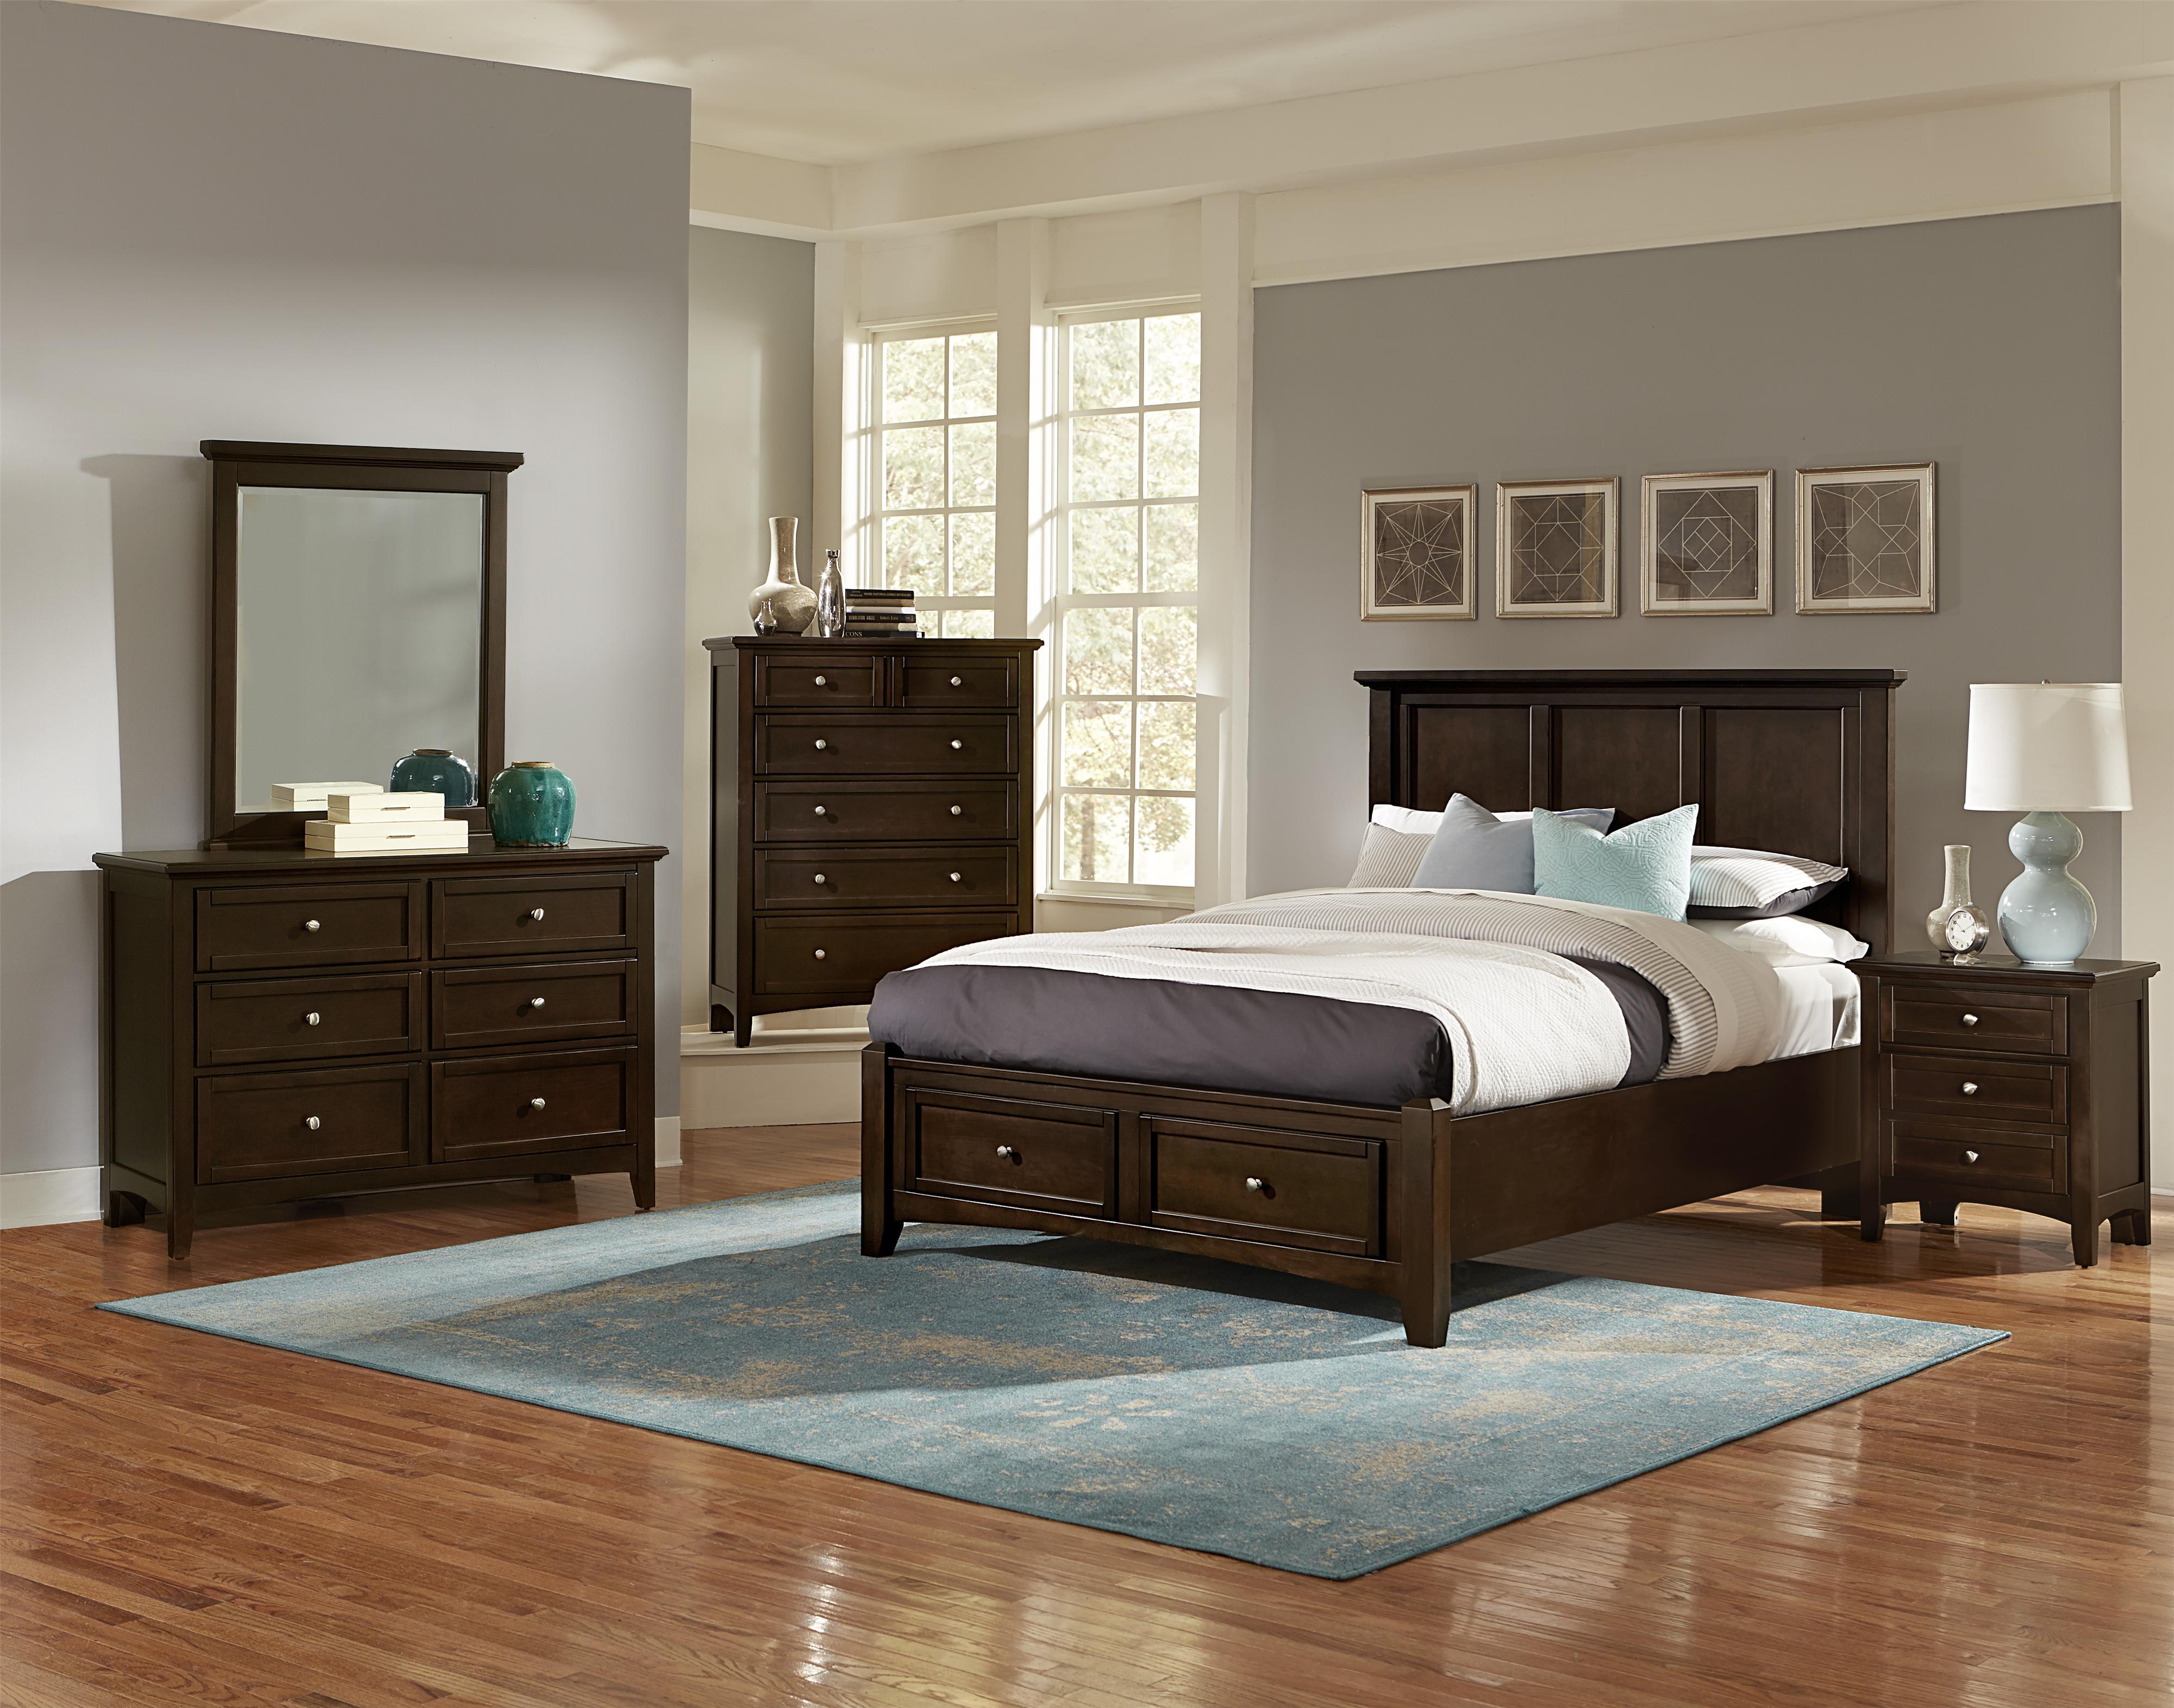 vaughan bassett bonanza queen bedroom group belfort furniture bedroom groups. Black Bedroom Furniture Sets. Home Design Ideas